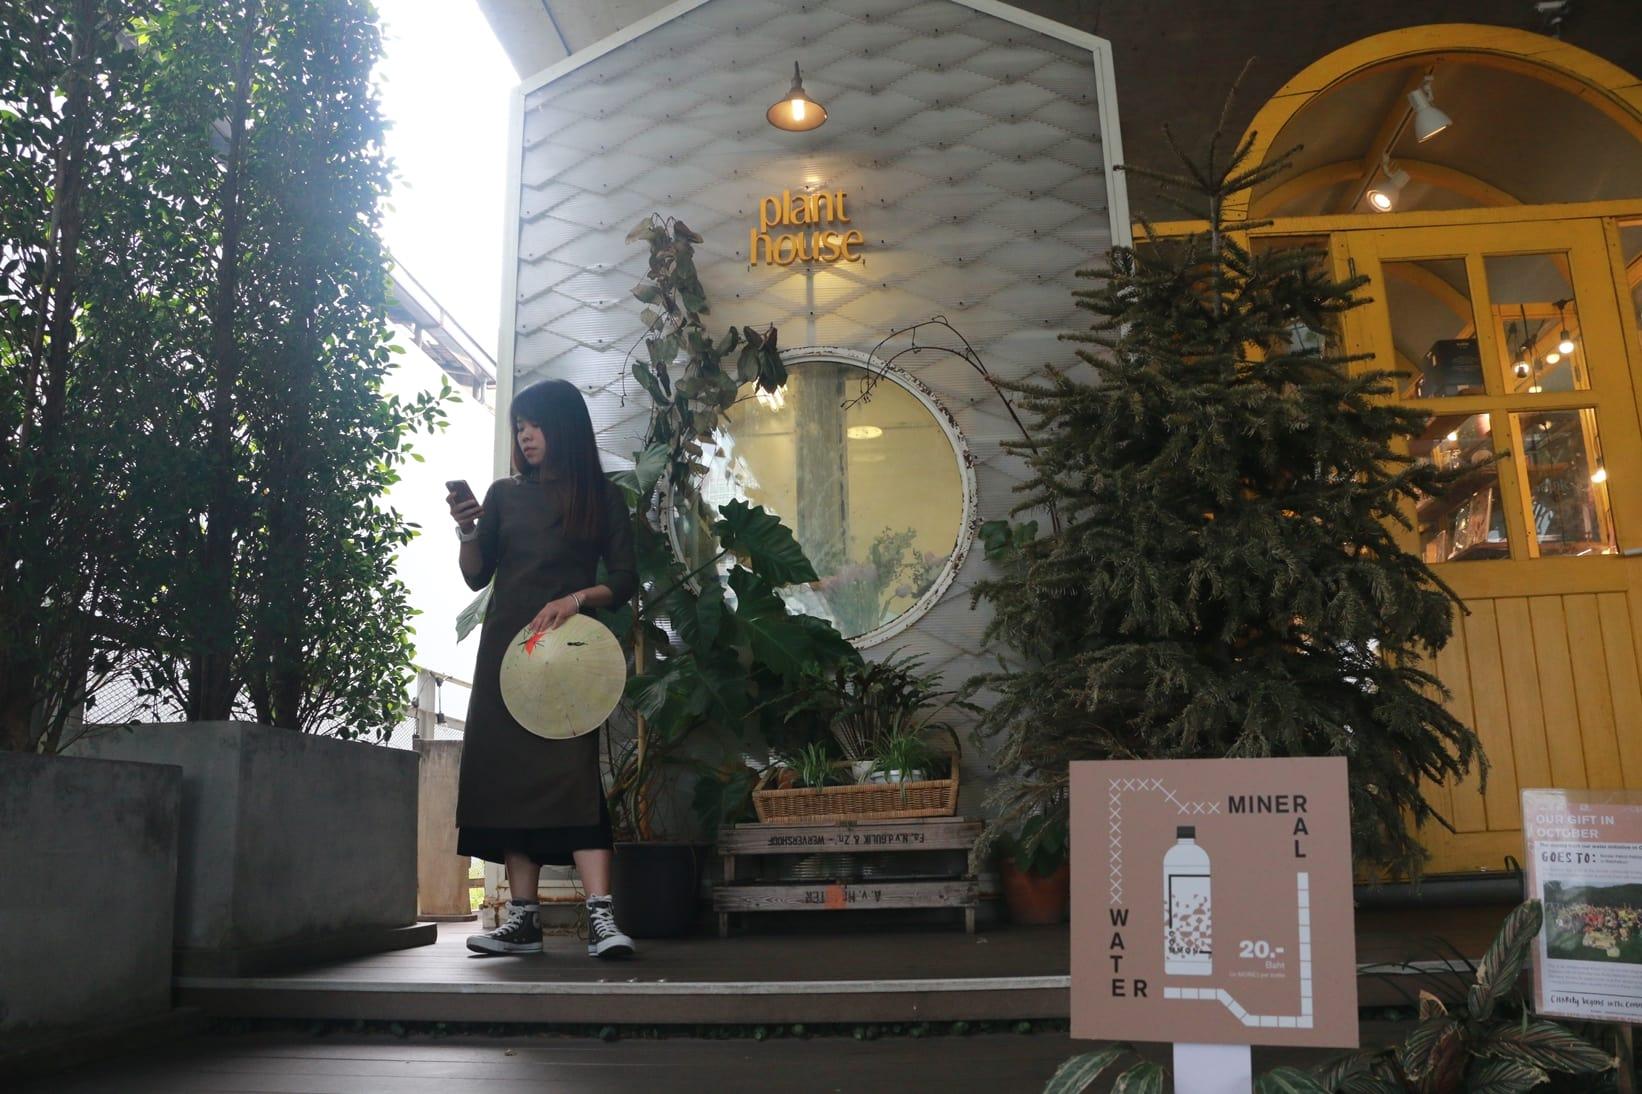 thiết kế bên trong quán the commcon coffee trong chuyến du lịch thái lan 4 ngày 3 đêm